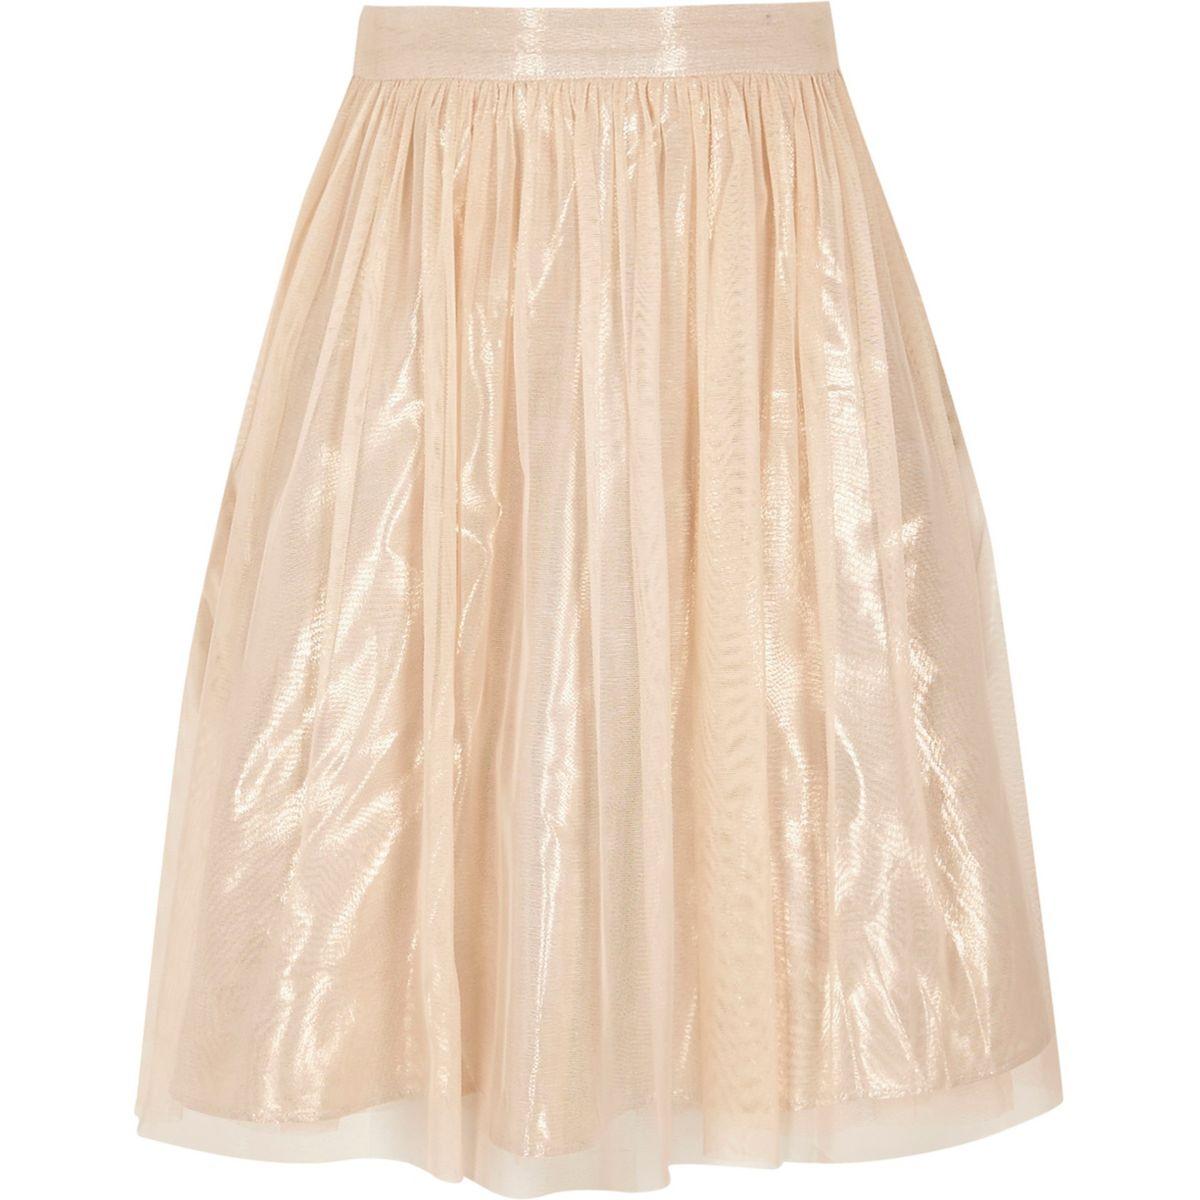 Girls cream metallic mesh midi skirt